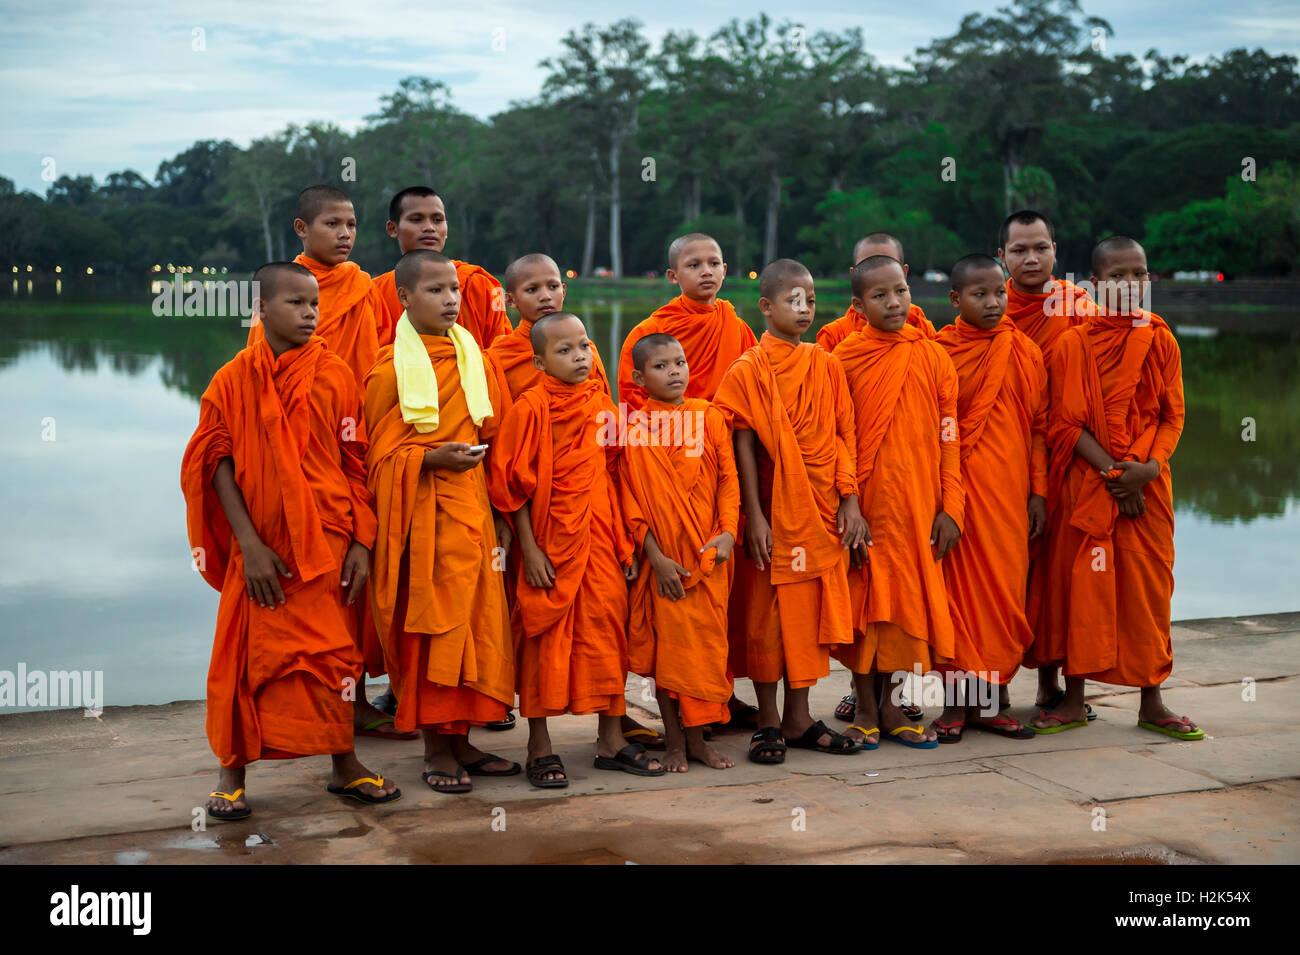 SIEM REAP, Cambogia - 30 ottobre 2014: un gruppo di novizi monaci buddisti in arancione vesti pongono sul fossato Immagini Stock